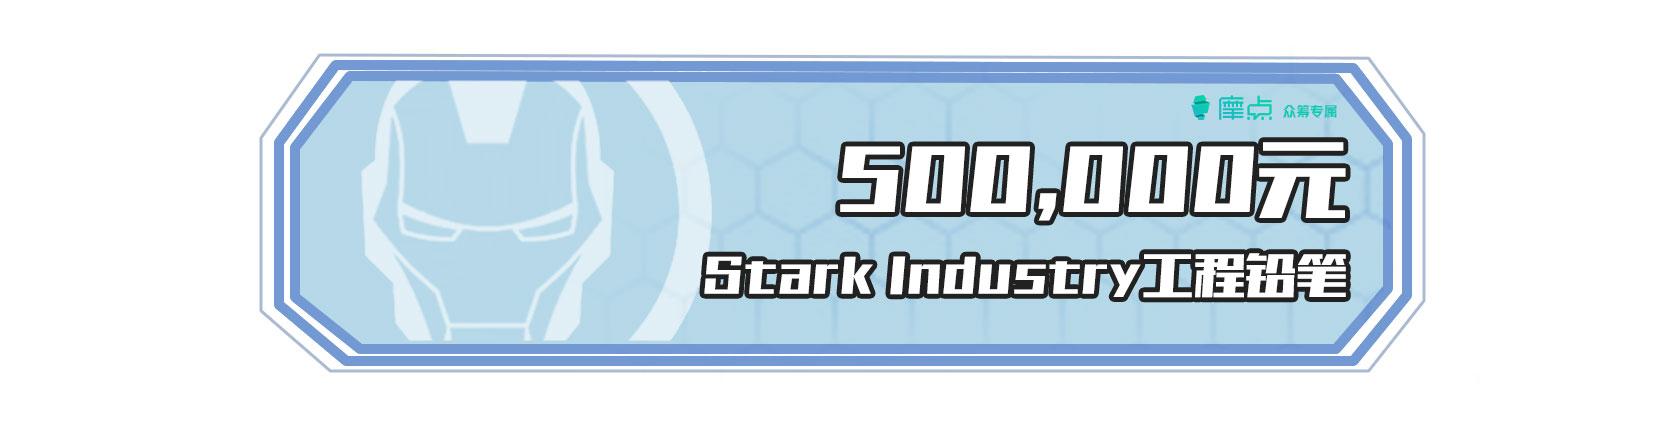 50万成功解锁.jpg